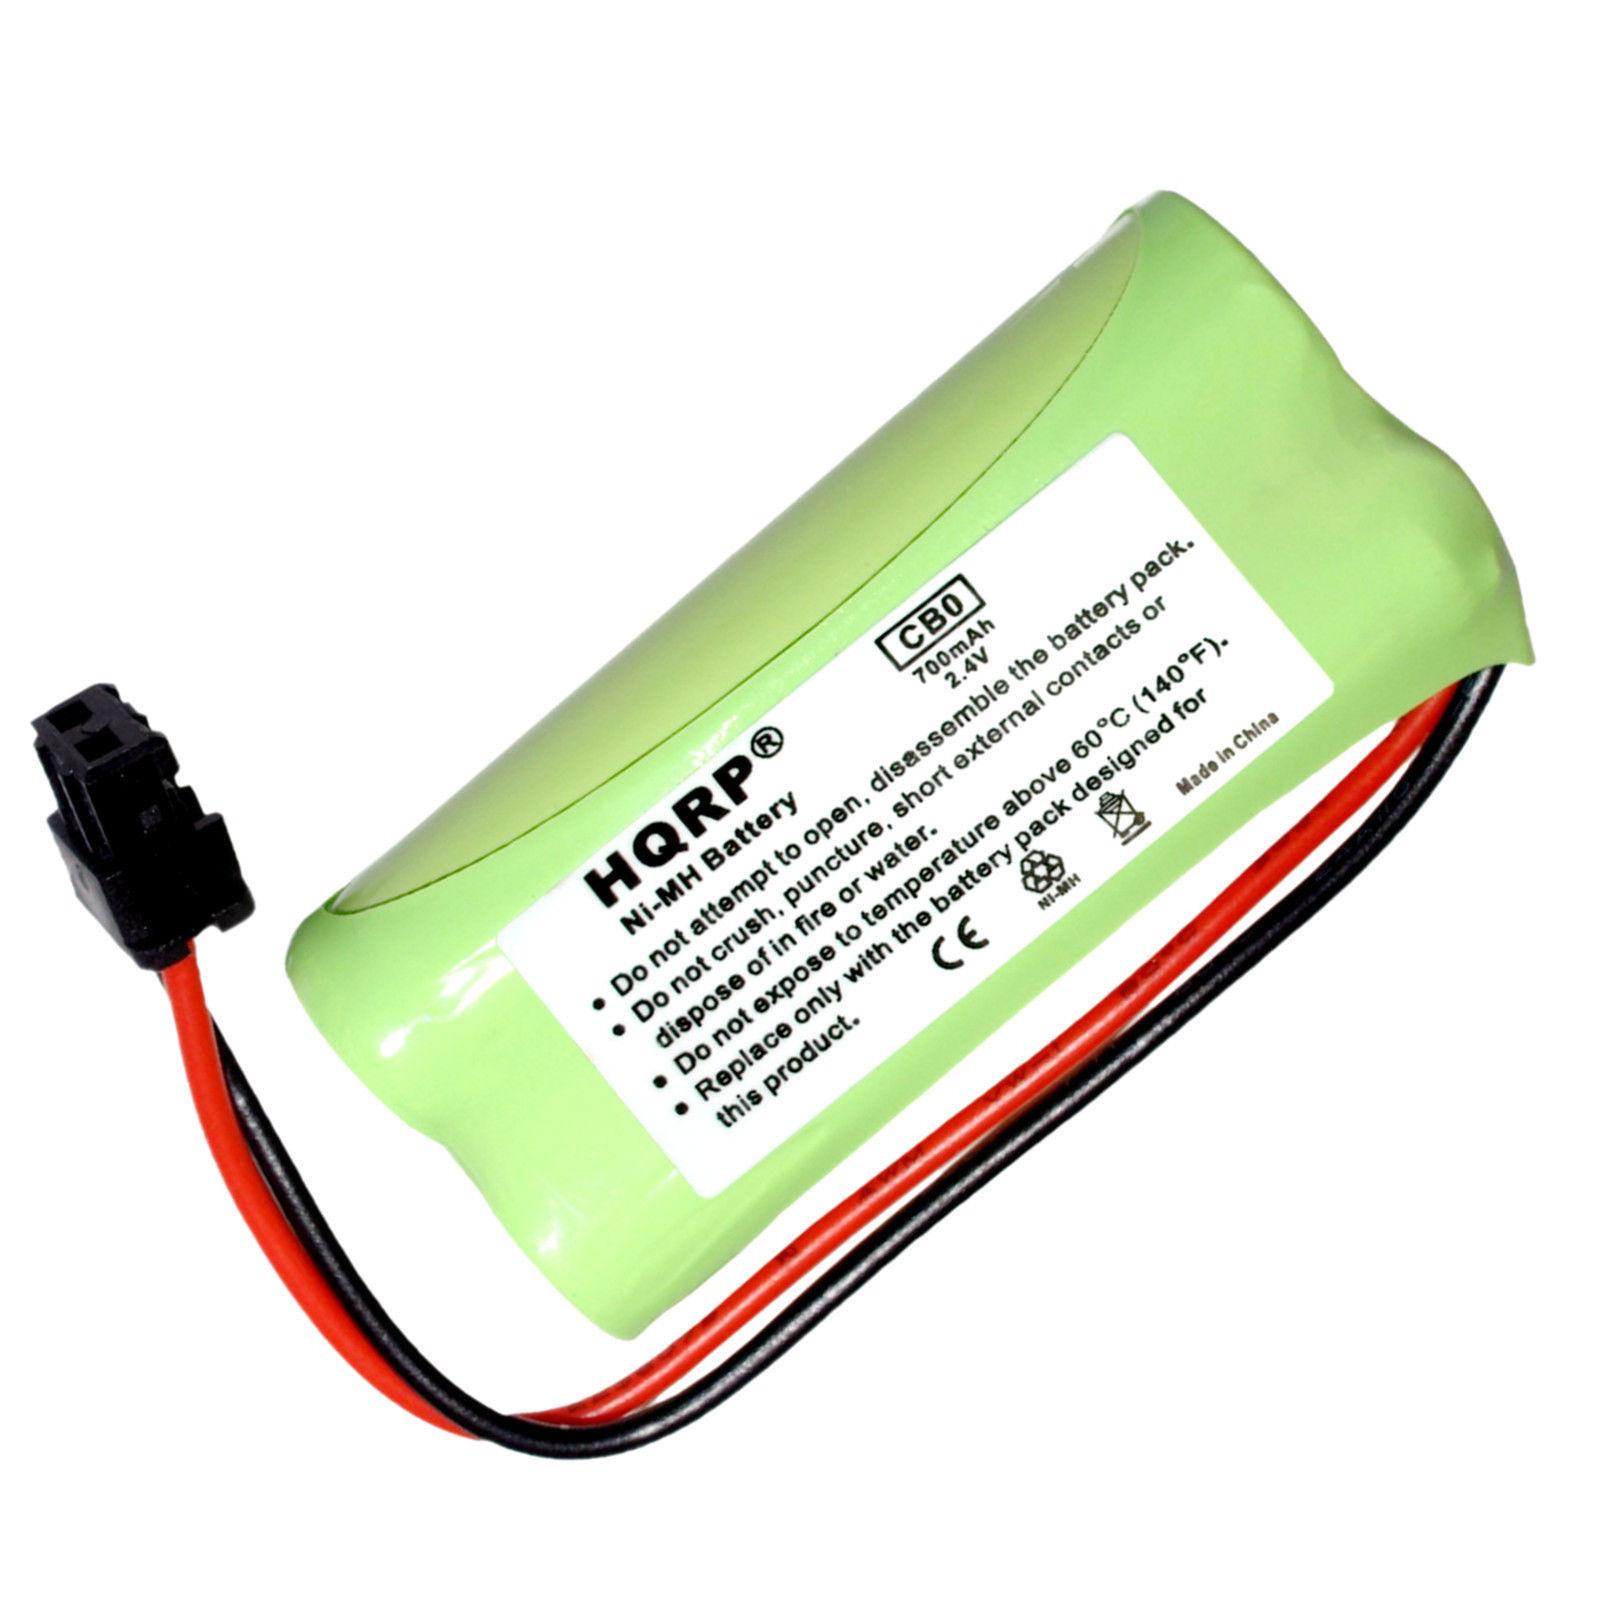 HQRP Phone Battery for Uniden D1780-3BT, D1780-4, D1780-4BT, D1780-8, D1785-3T image 2